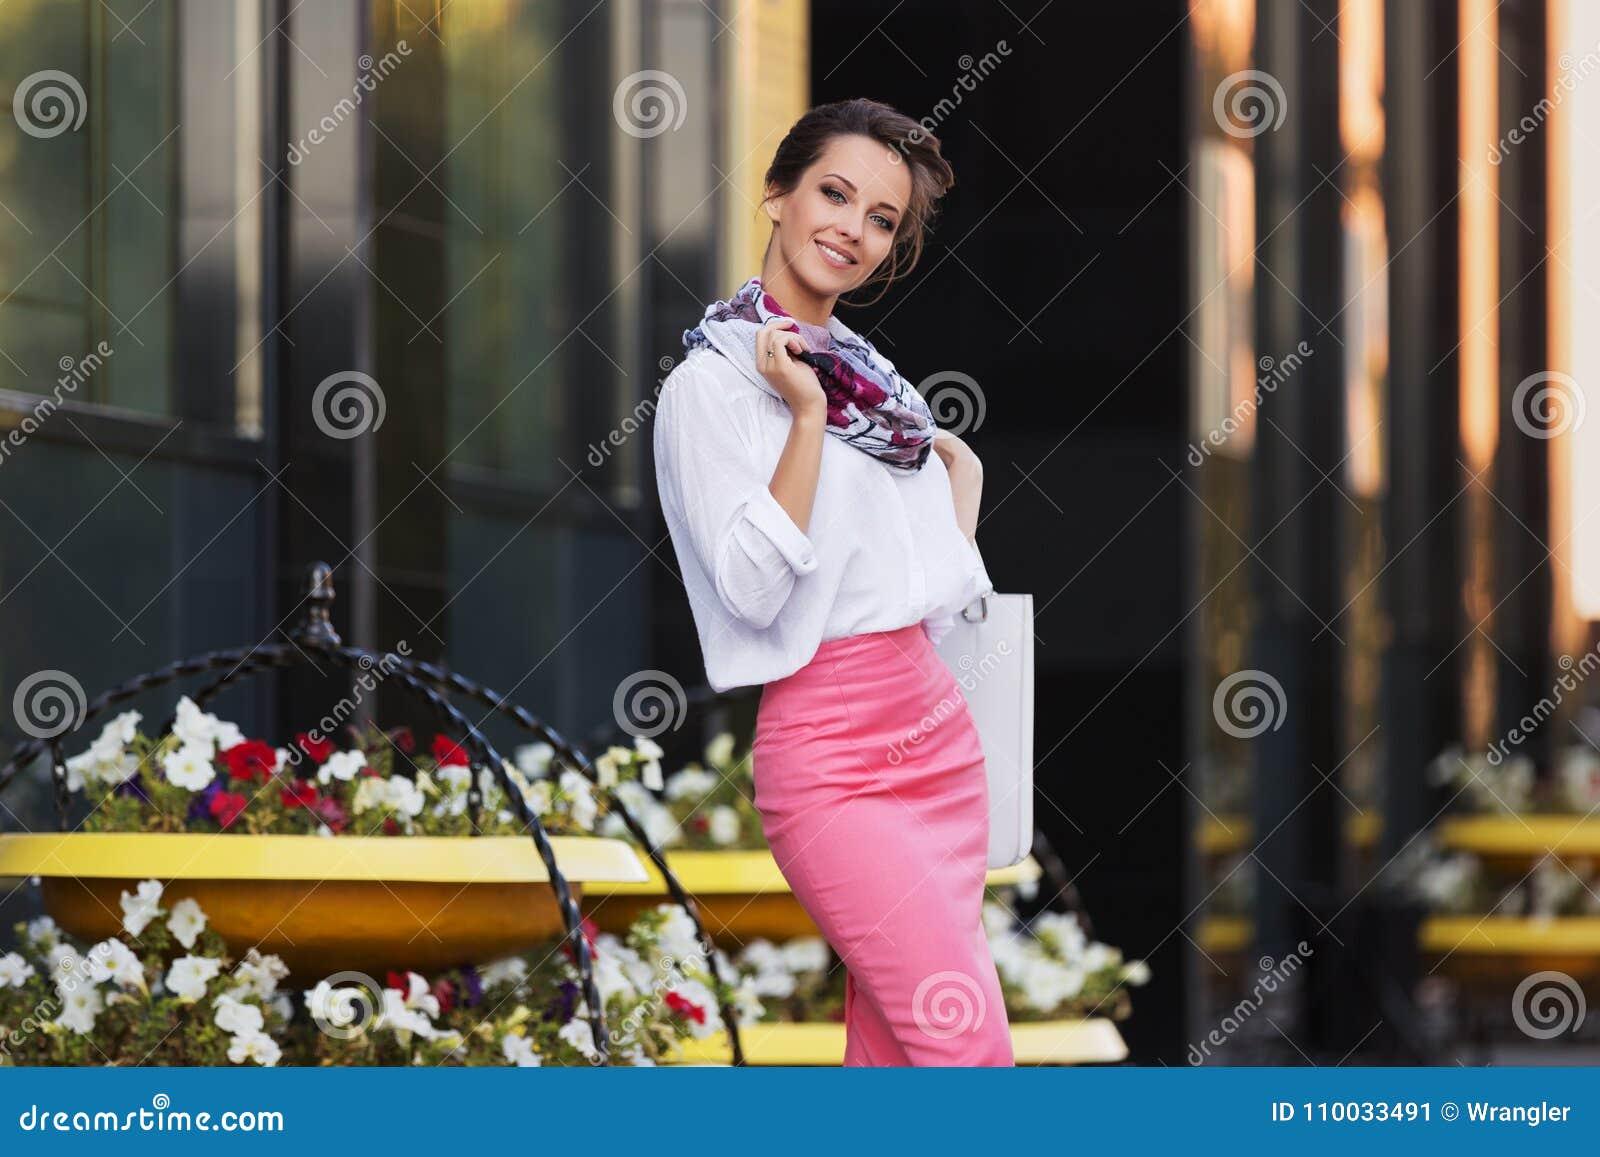 Jonge manier bedrijfsvrouw in wit overhemd en roze potloodrok